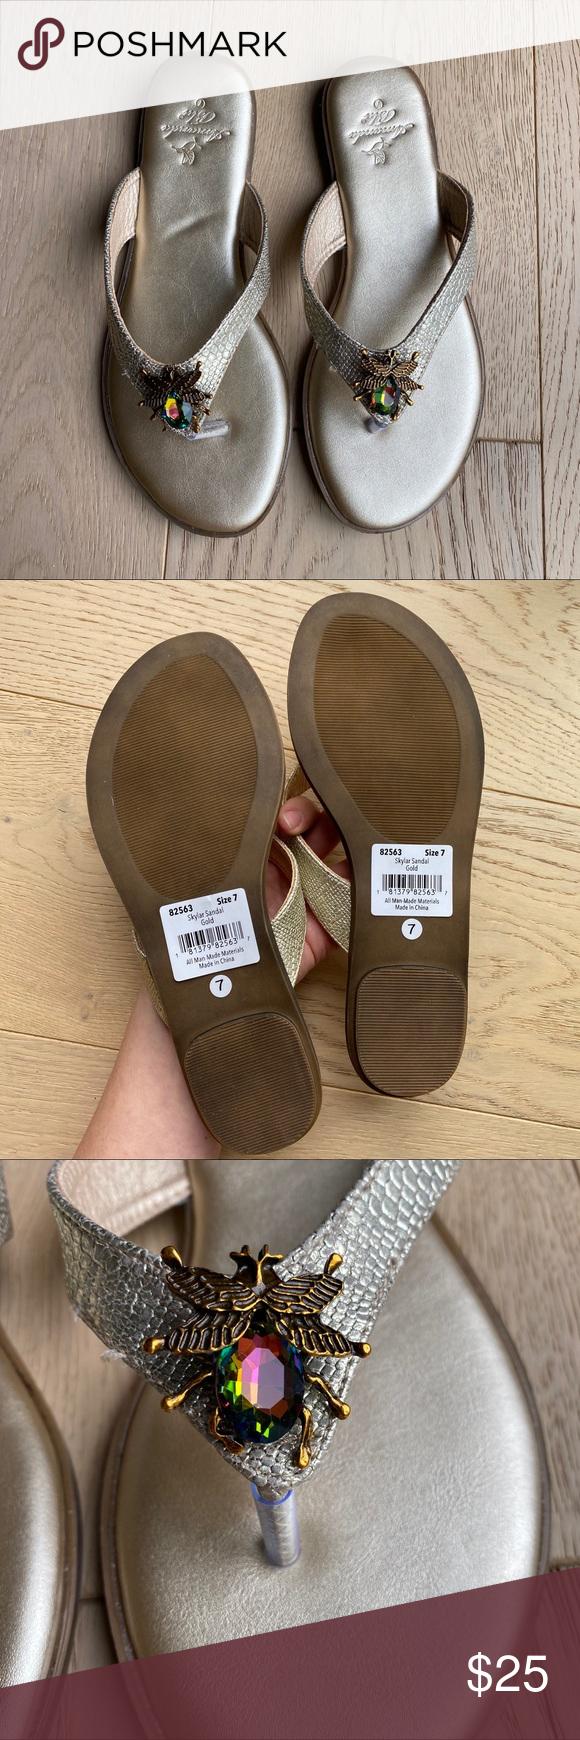 Amanda Blue Shoes Sandals